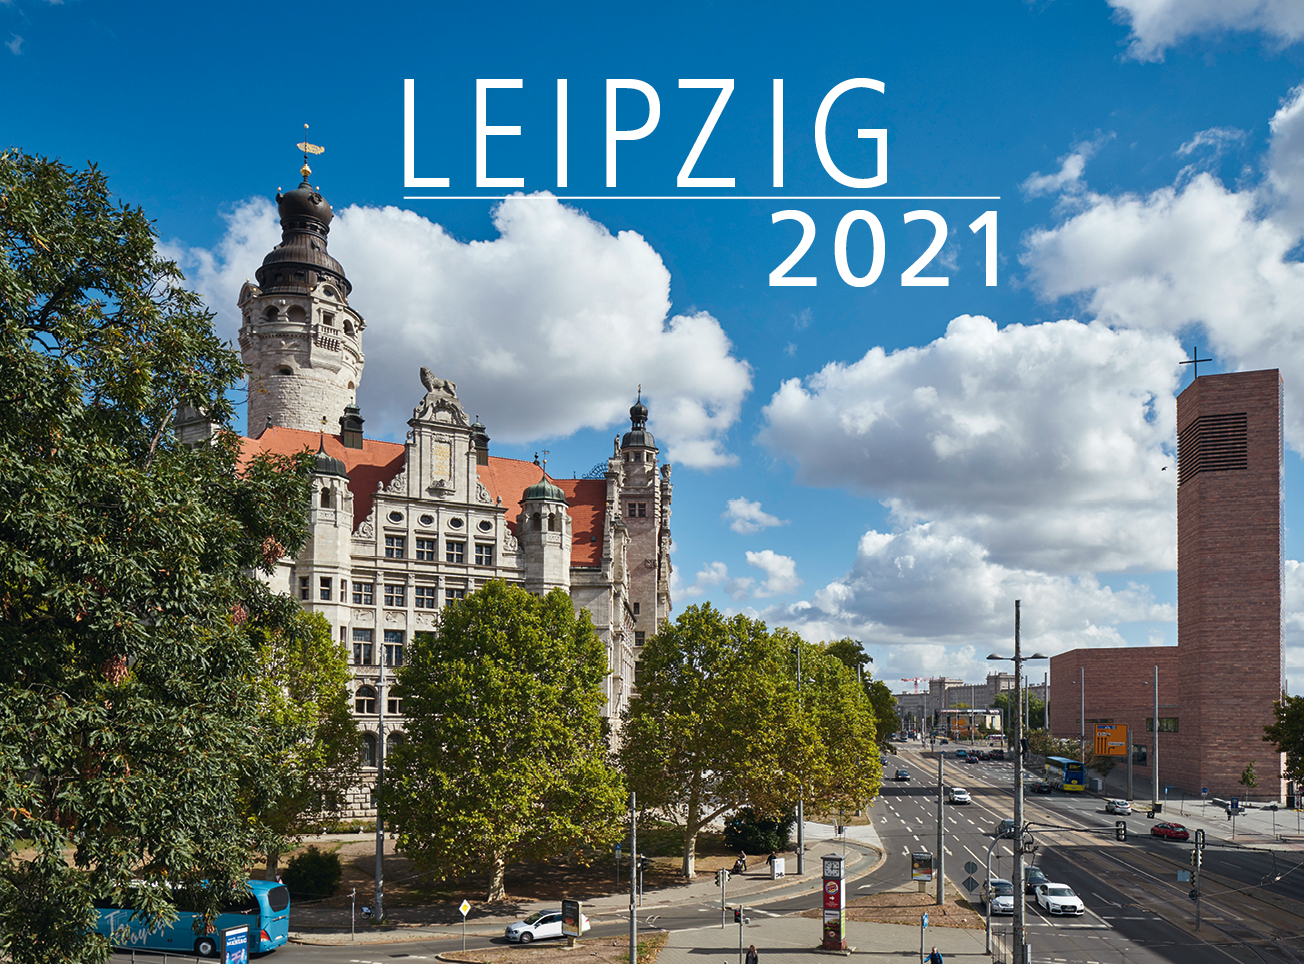 leipzig_kalender_2021_titel-1 ThomasDruck - Leipzig Kalender